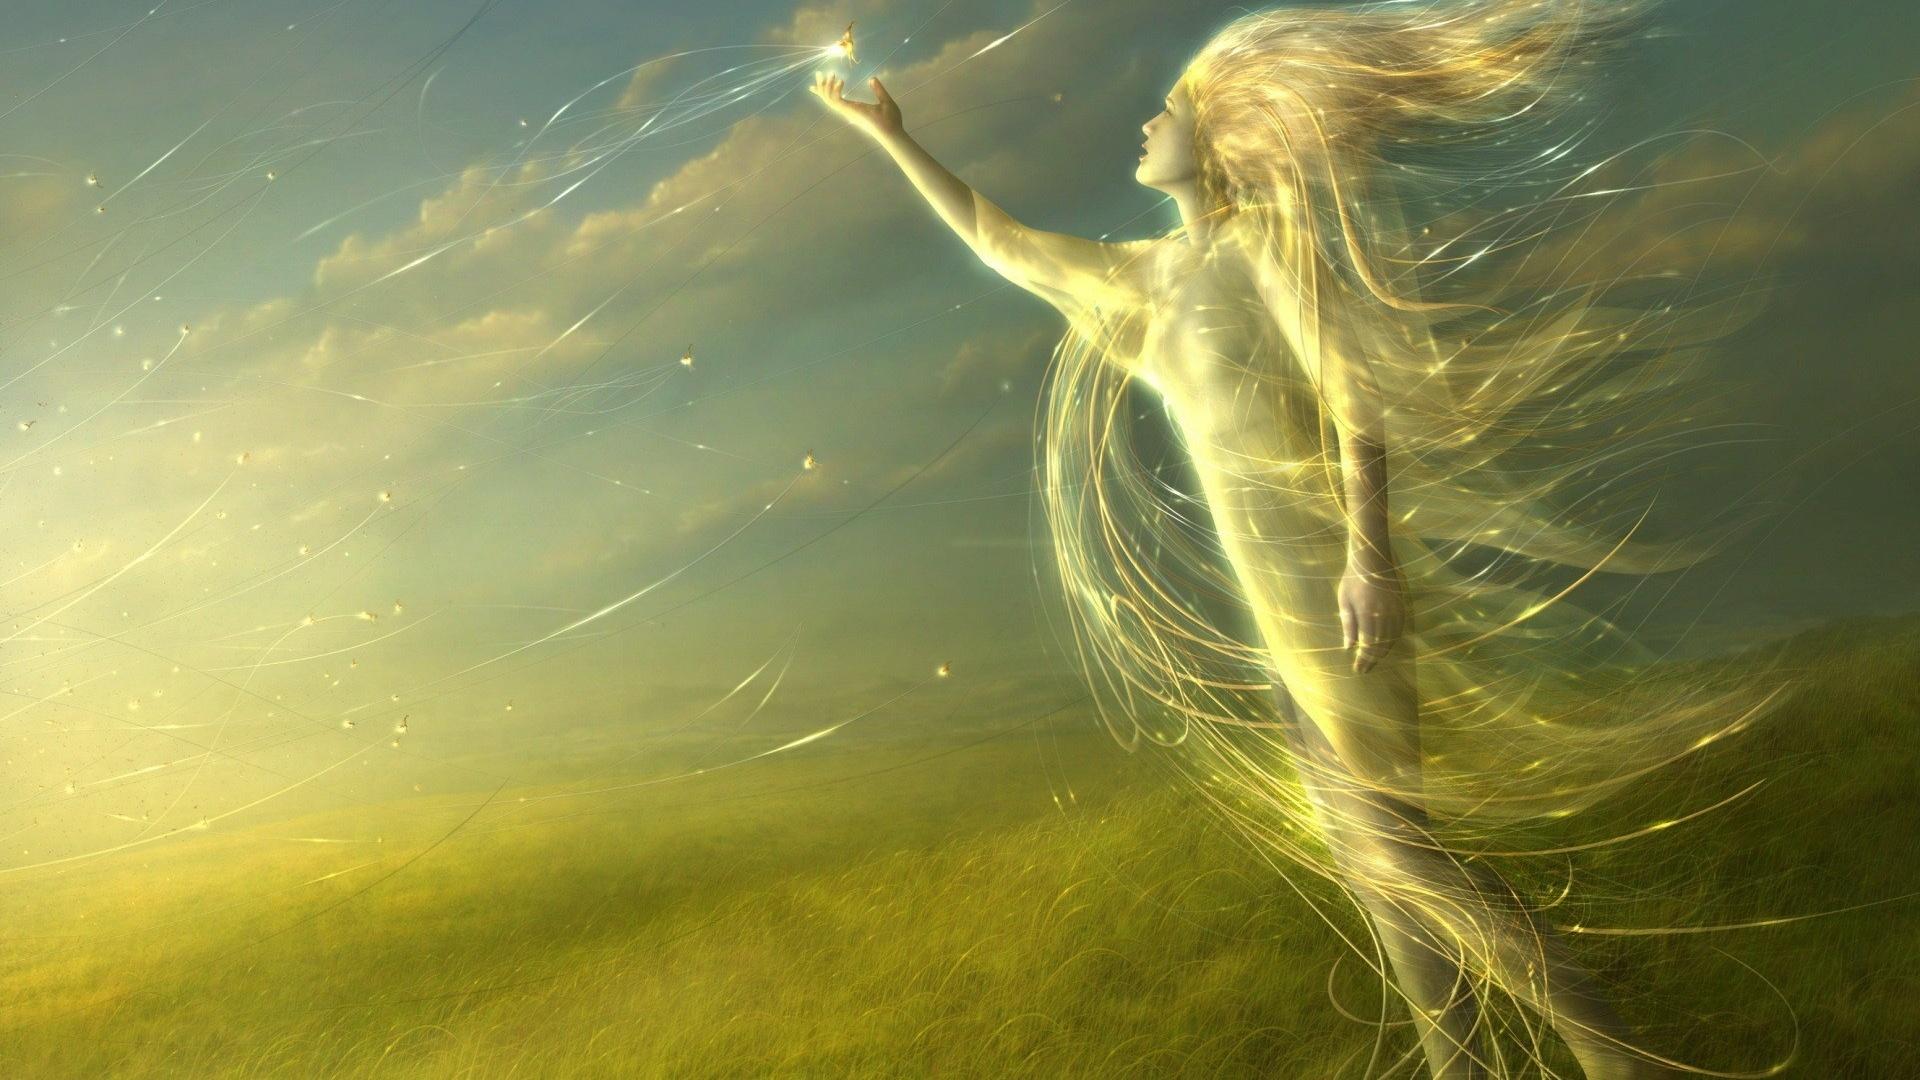 владимирович картинки хрустальный ветер фото, если колдовать